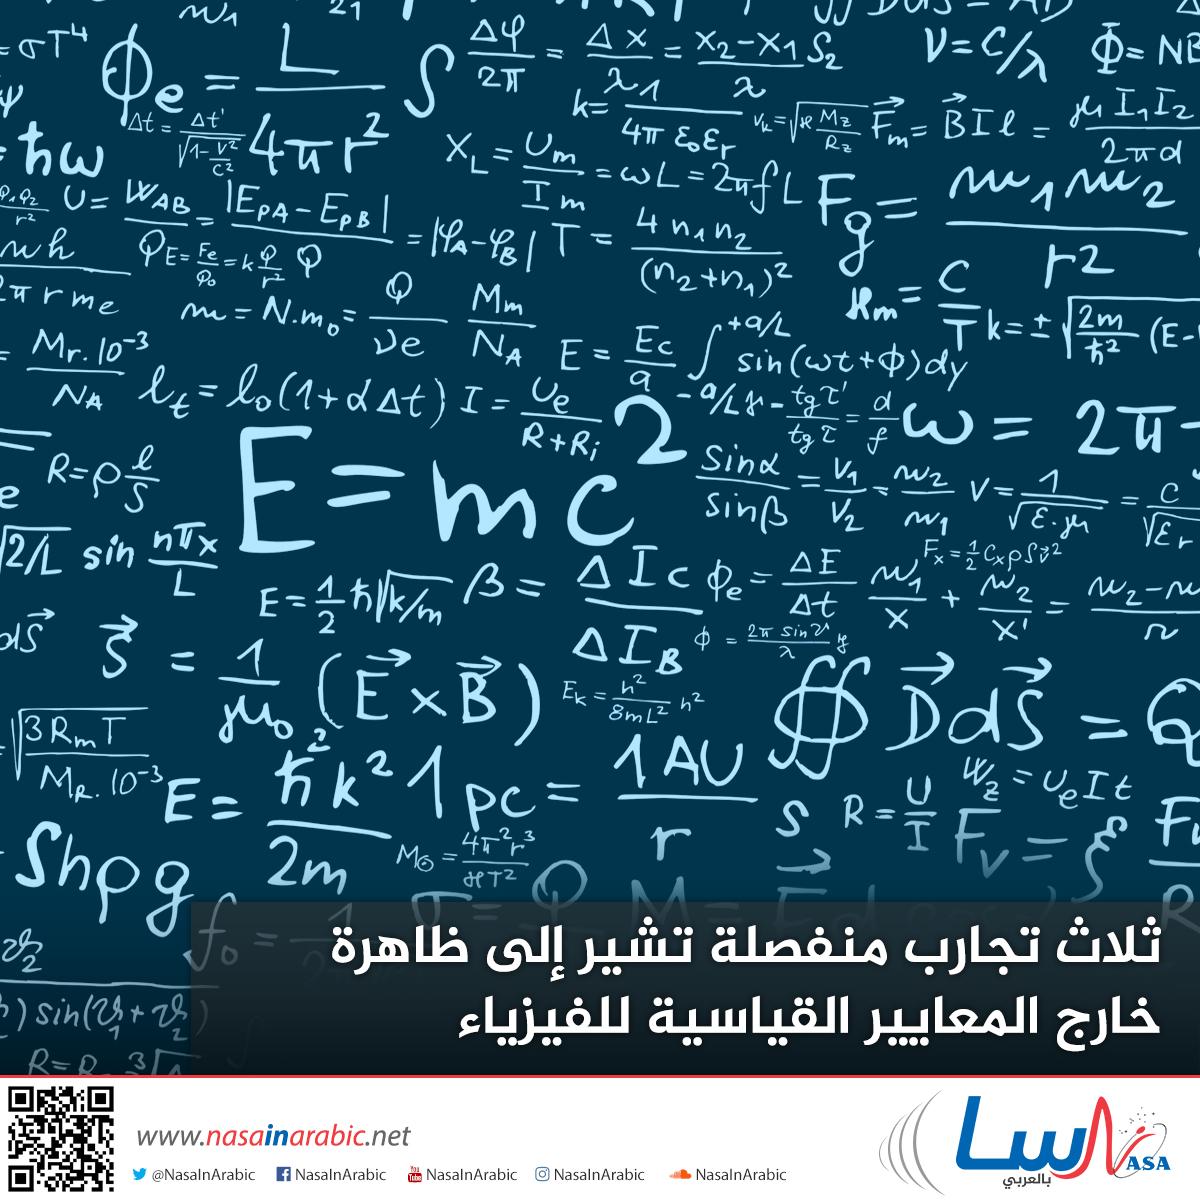 علامات تشير إلى ظاهرة خارج معايير الفيزياء